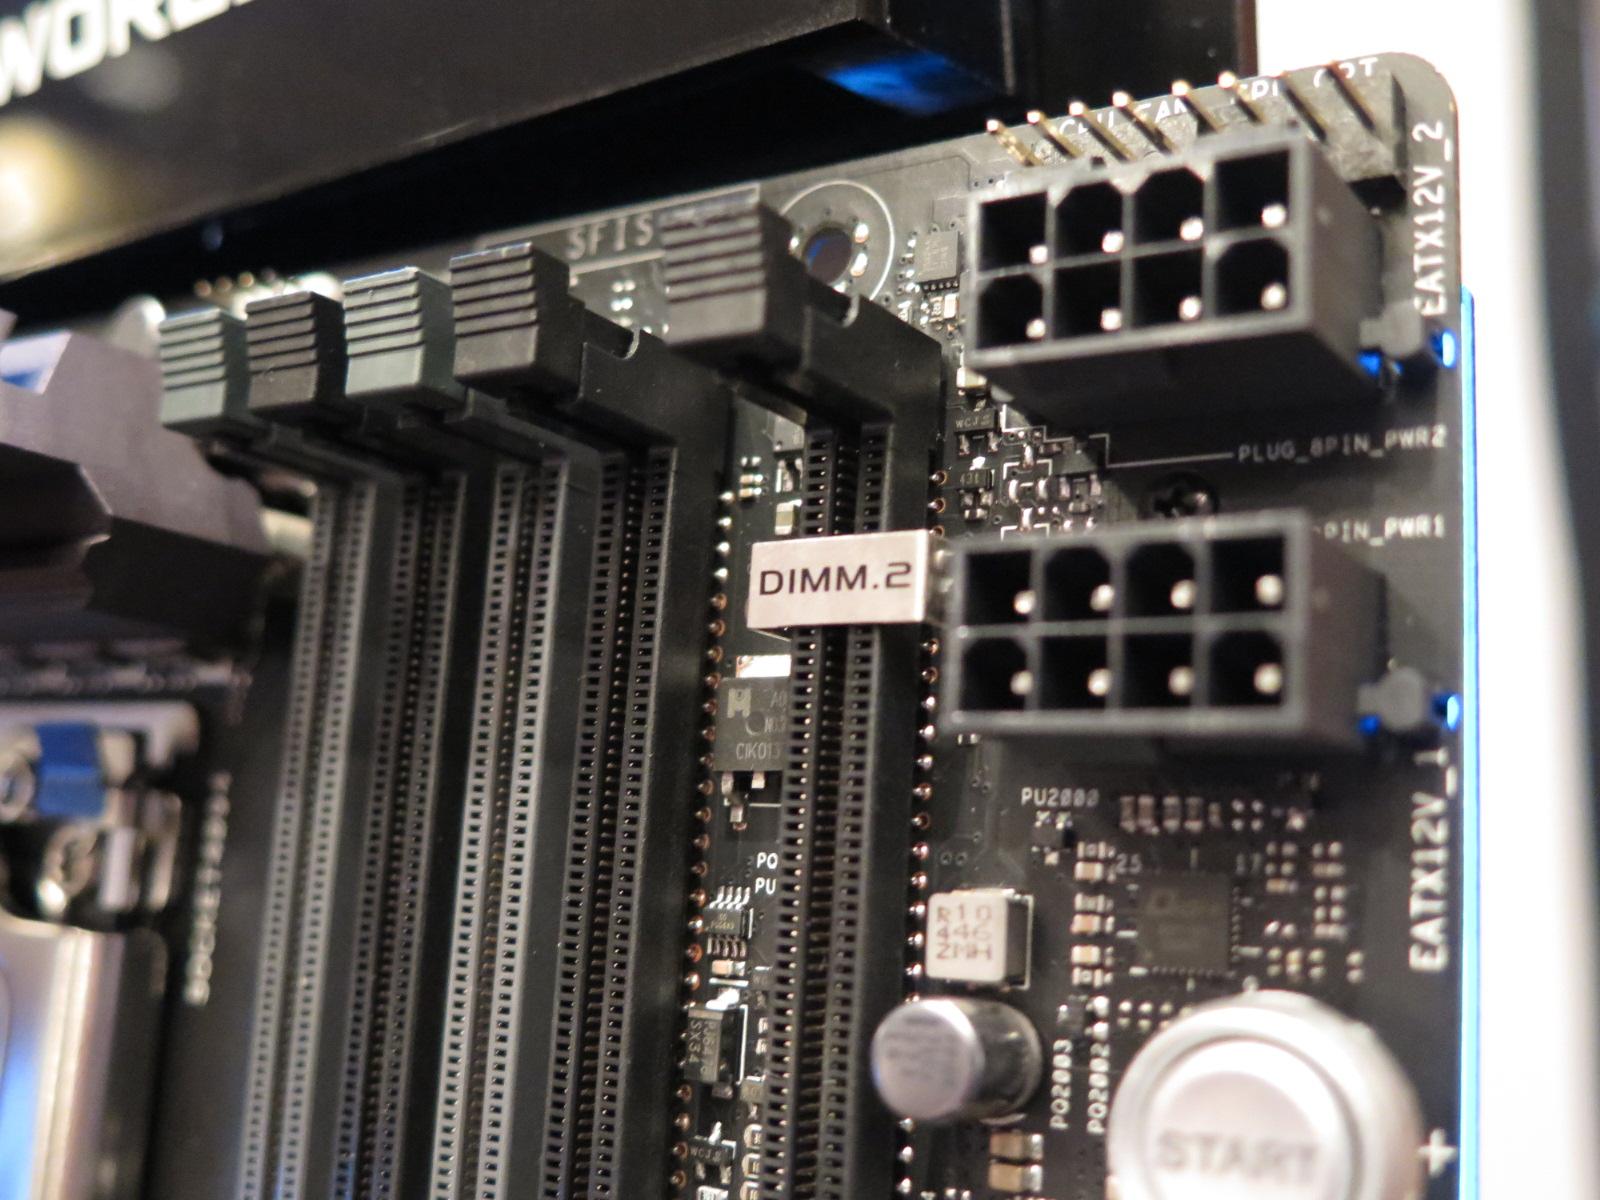 DDR3スロットを流用し、M.2のSSDを装着するDIMM.2スロットを装備。また、ATX12V補助用電源ピンはメモリスロットの外側に移され、大きいCPUクーラーを装着していても問題なく着脱できる